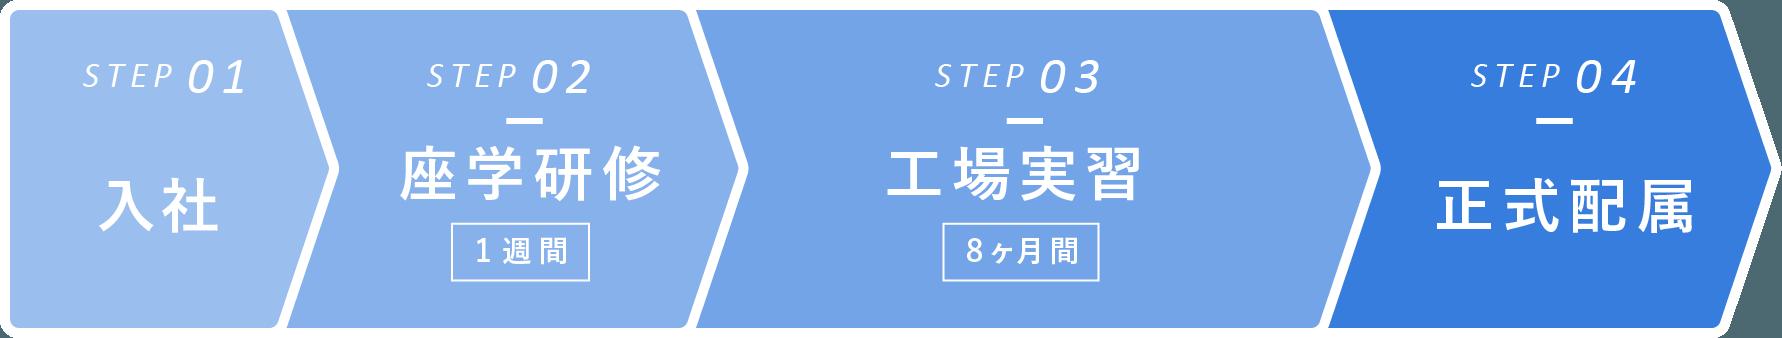 ステップ1 入社  ステップ2 座学研修 1週間  ステップ3 工場実習 8ヶ月間  ステップ4 正式配属